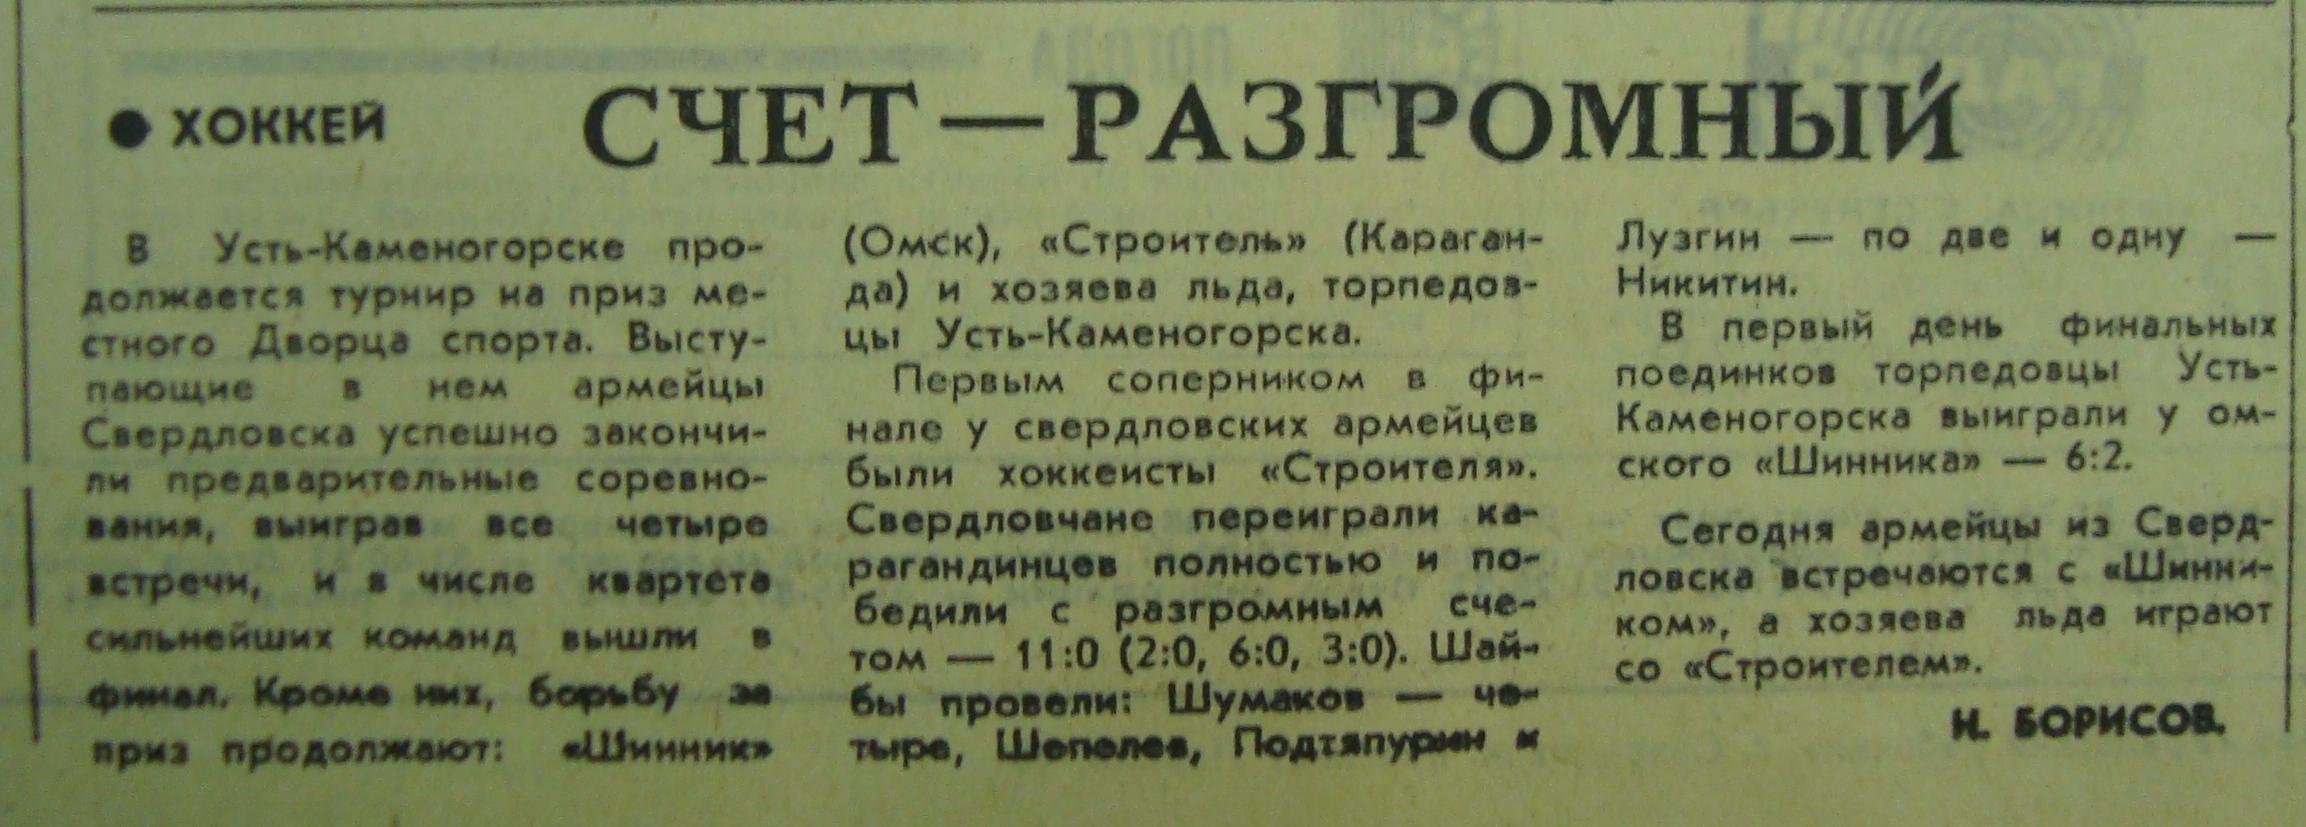 Усть-К №2.JPG